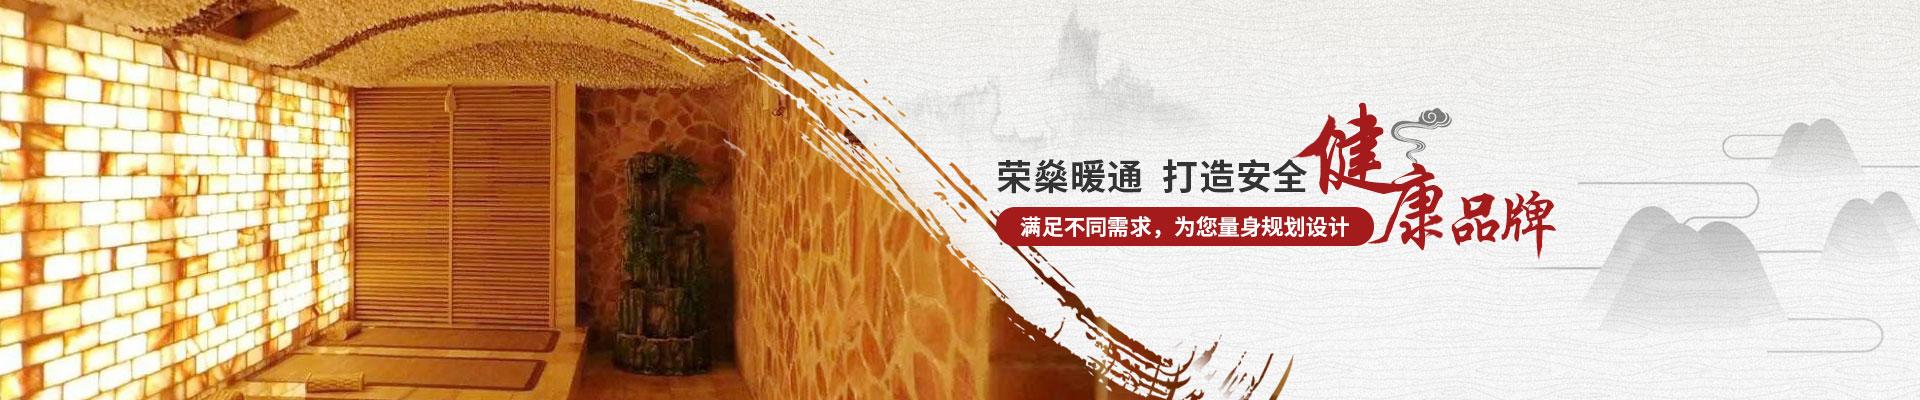 荣燊暖通  打造安全健康品牌